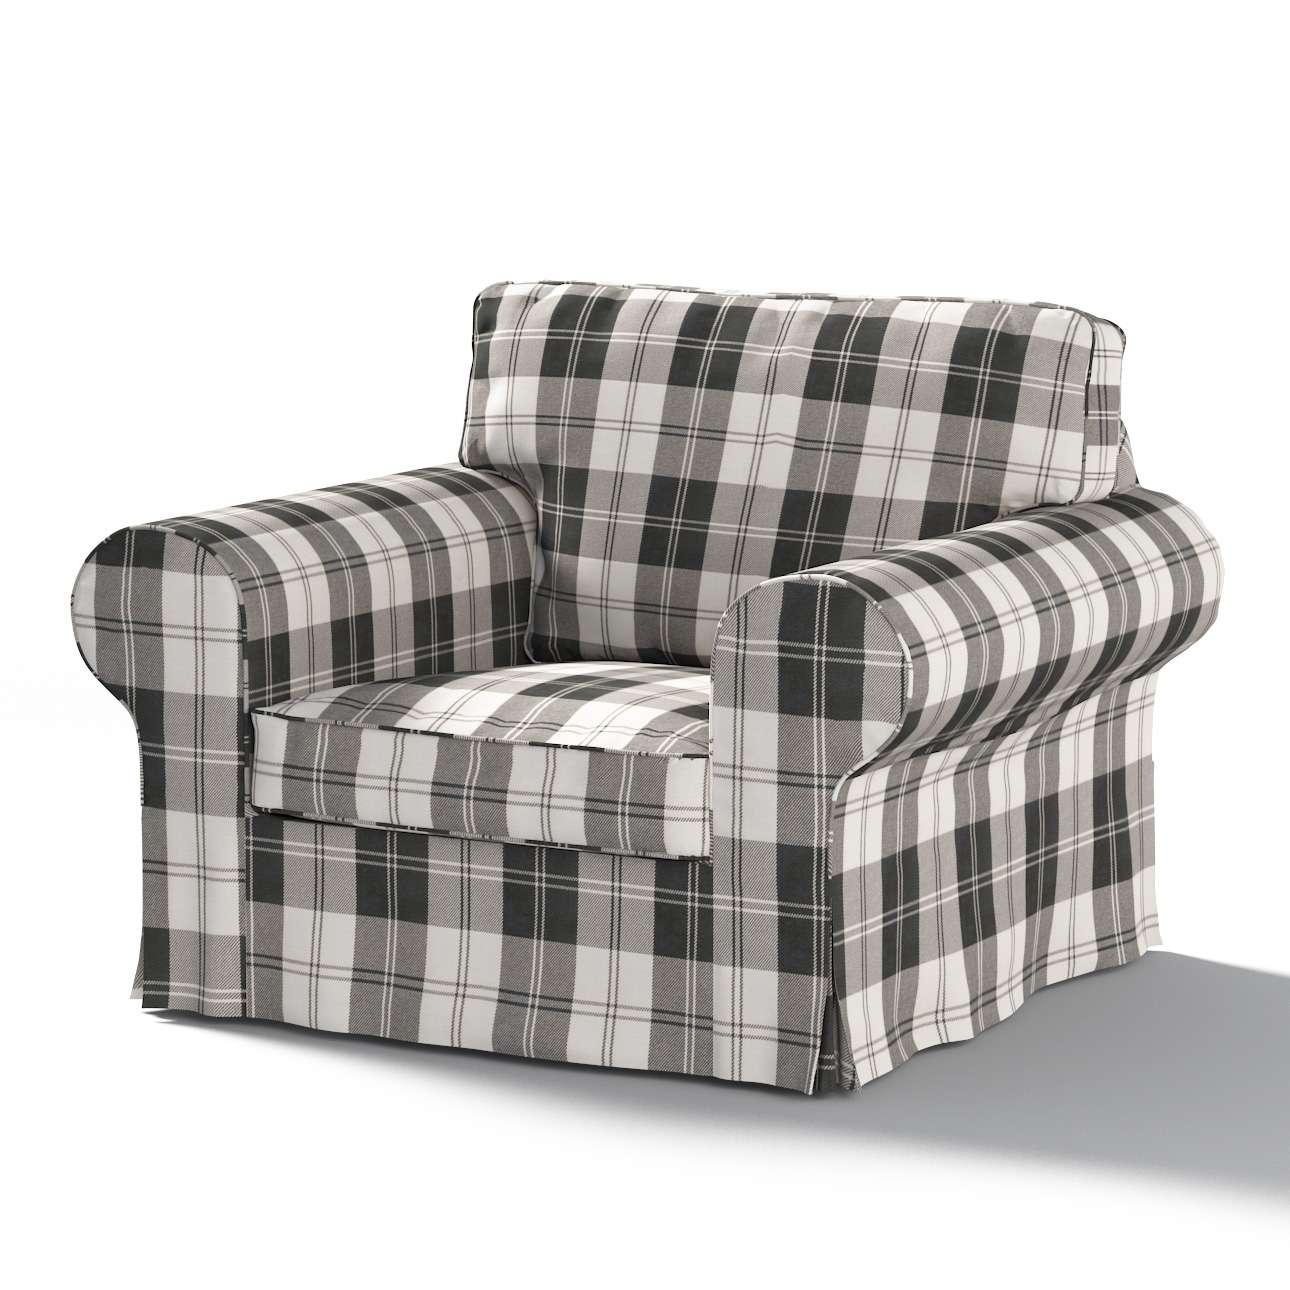 Pokrowiec na fotel Ektorp Fotel Ektorp w kolekcji Edinburgh, tkanina: 115-74